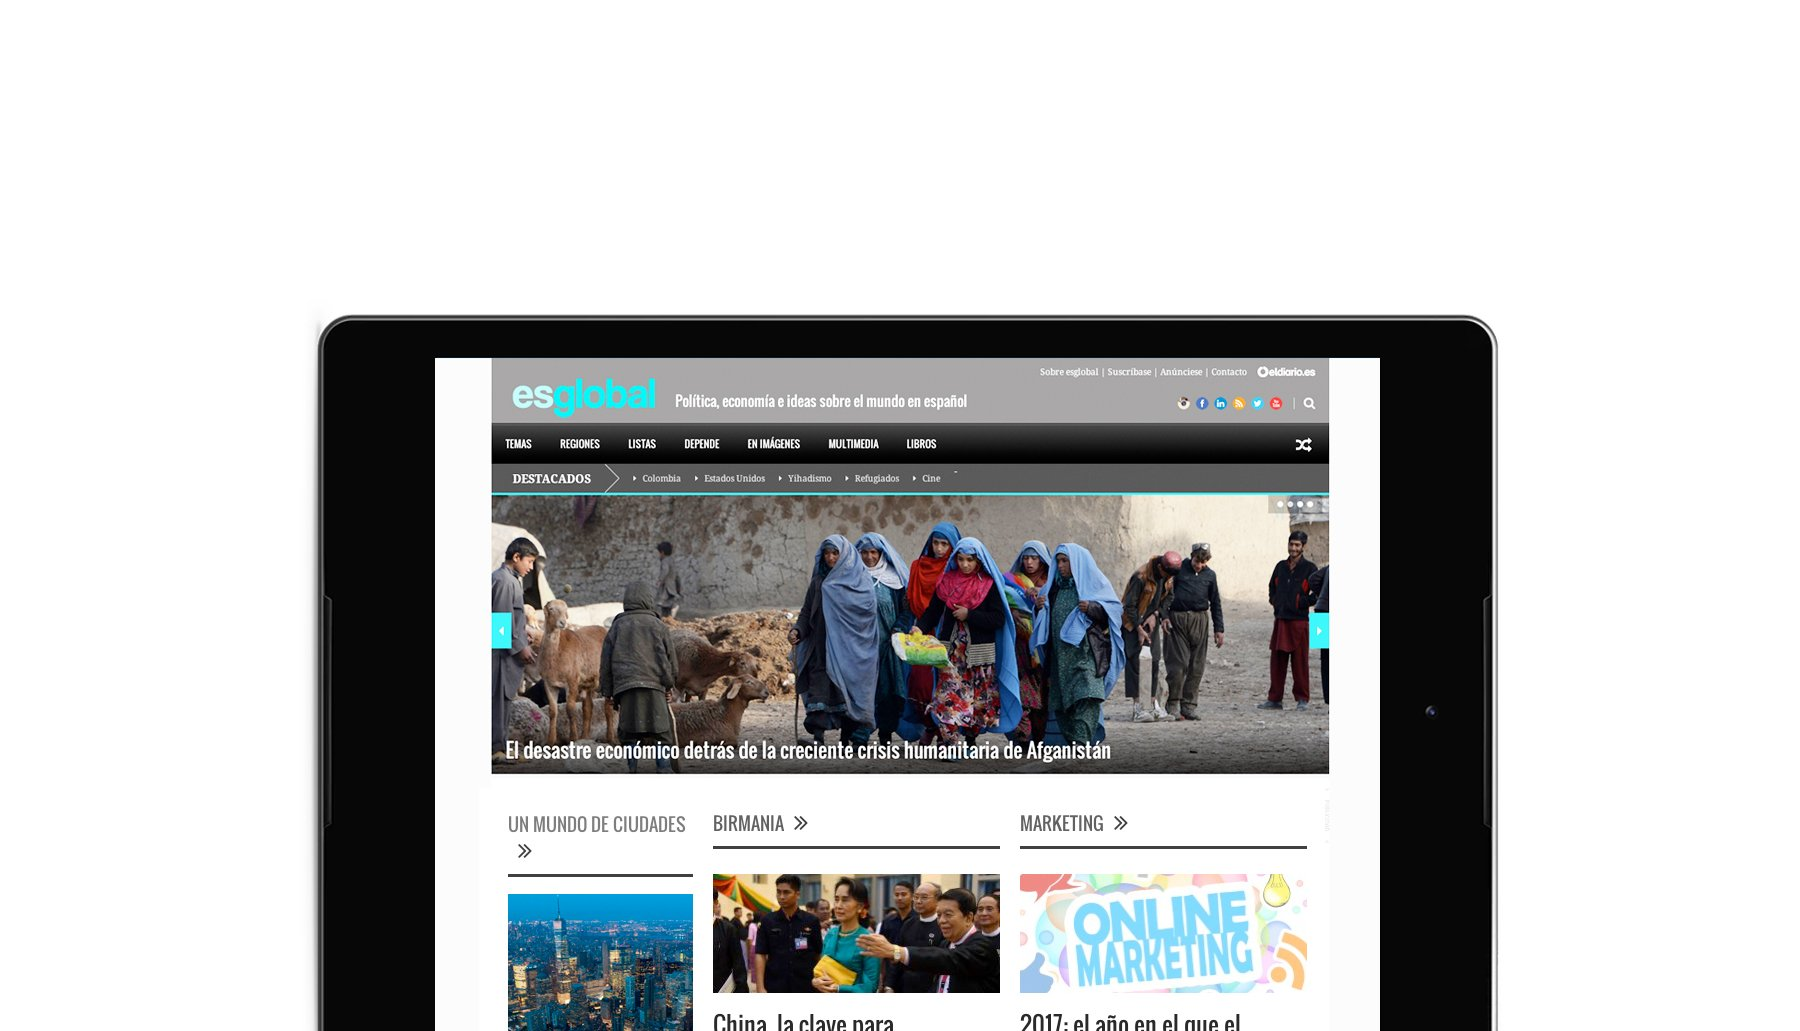 Cabecera de página del proyecto Esglobal